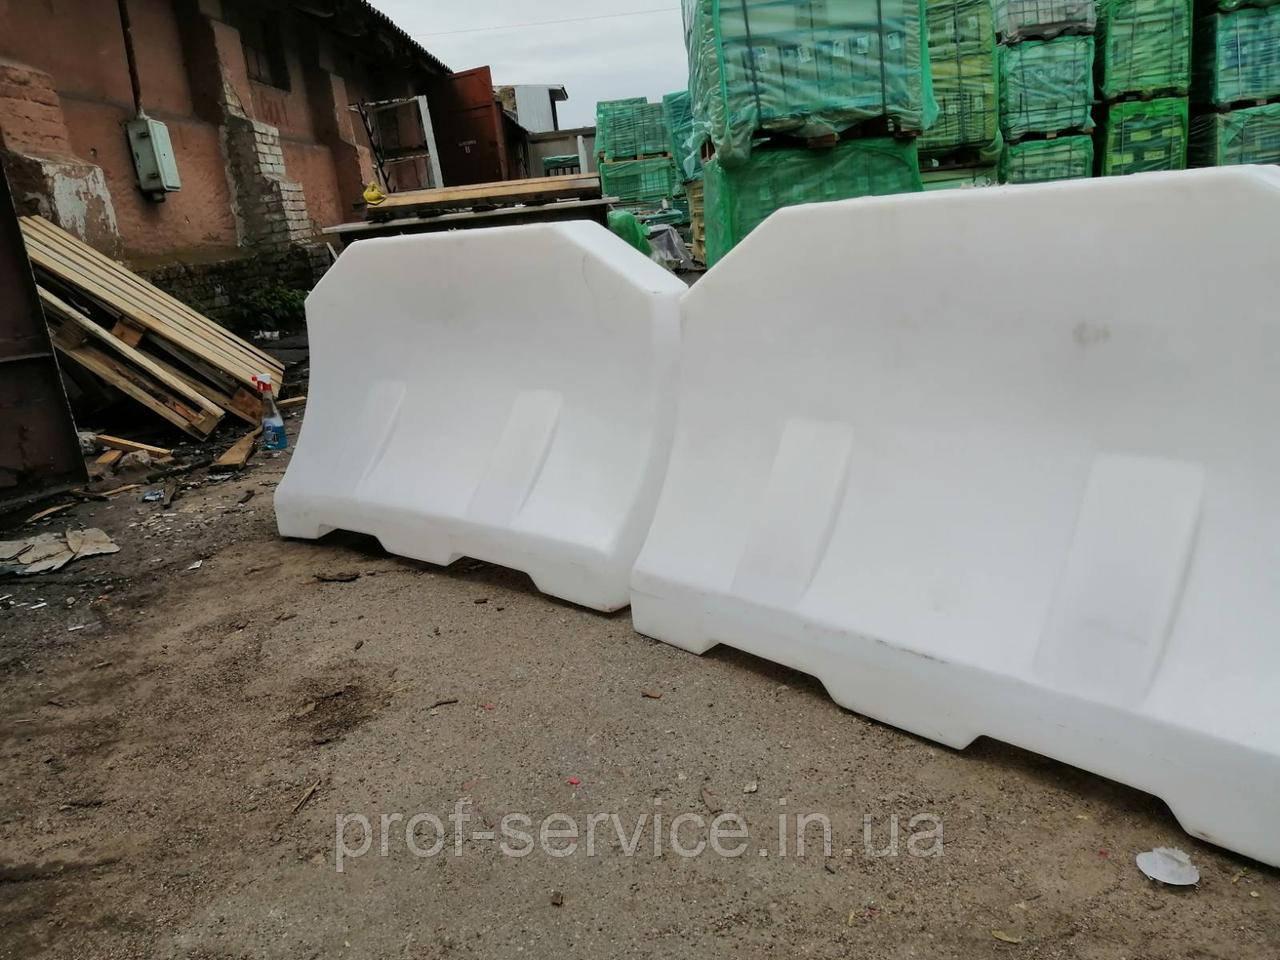 Дорожный барьер водоналивной пластиковый 1.2 (м)